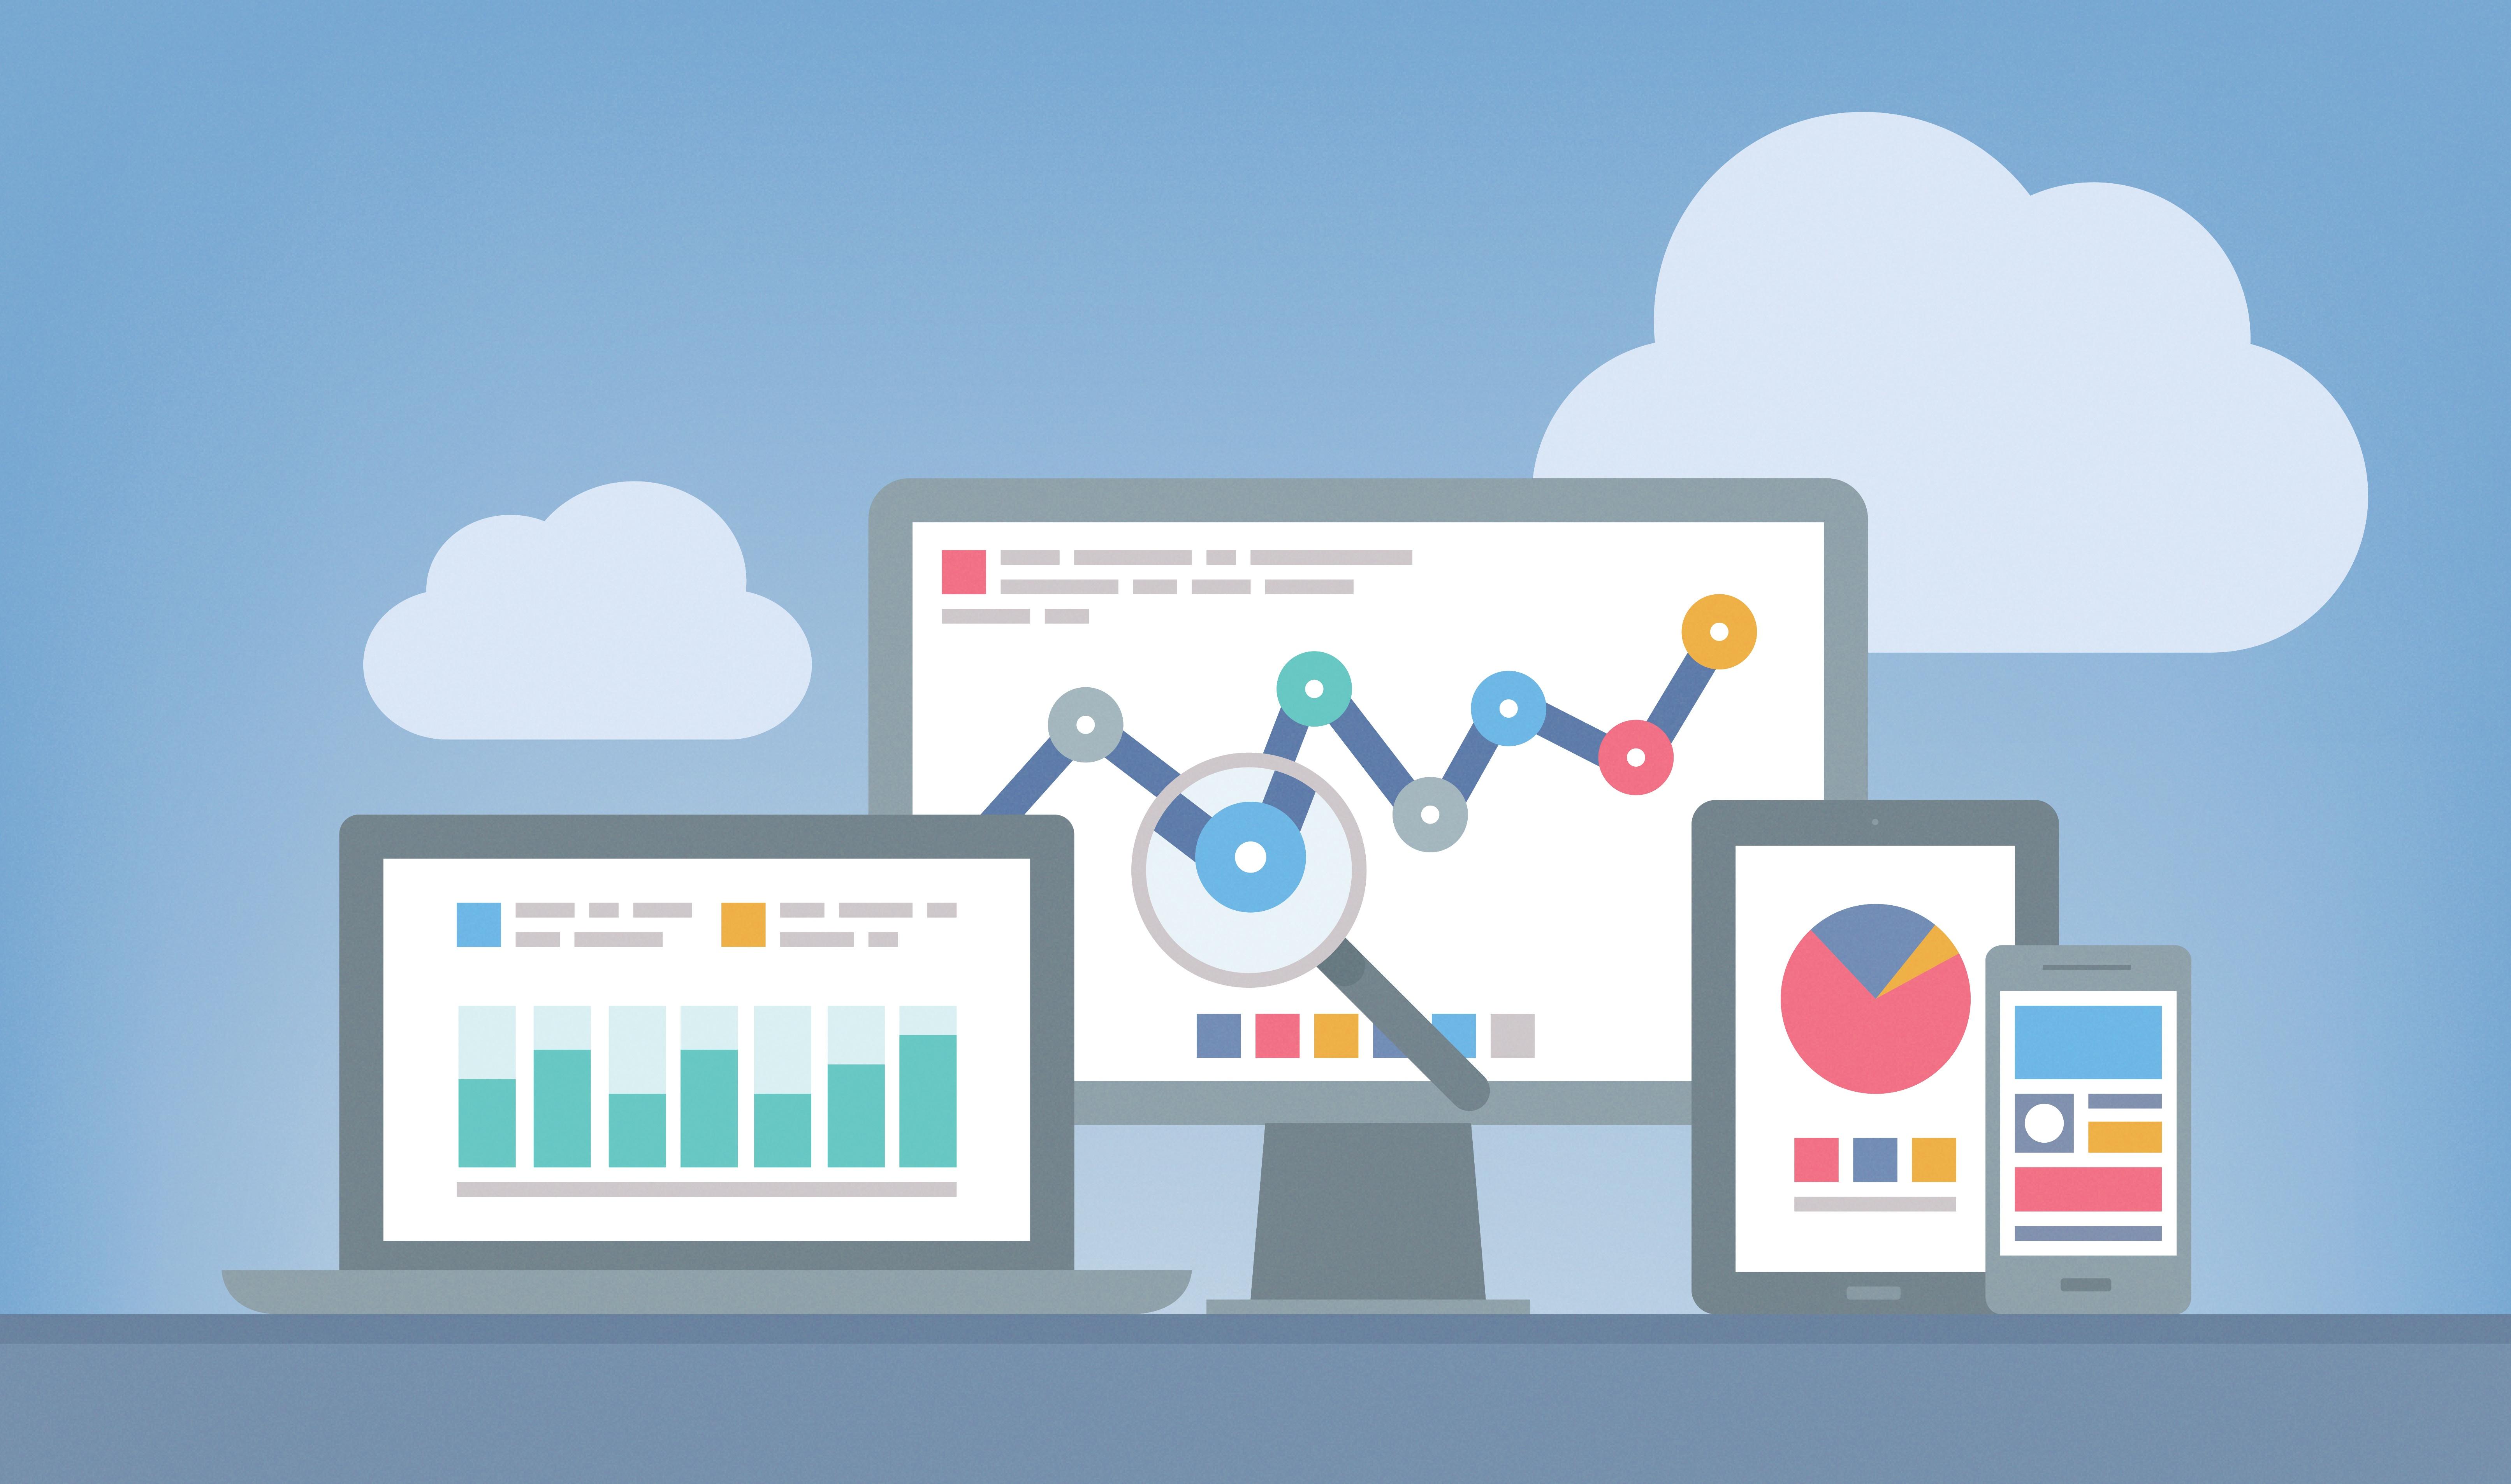 come promuovere un software online